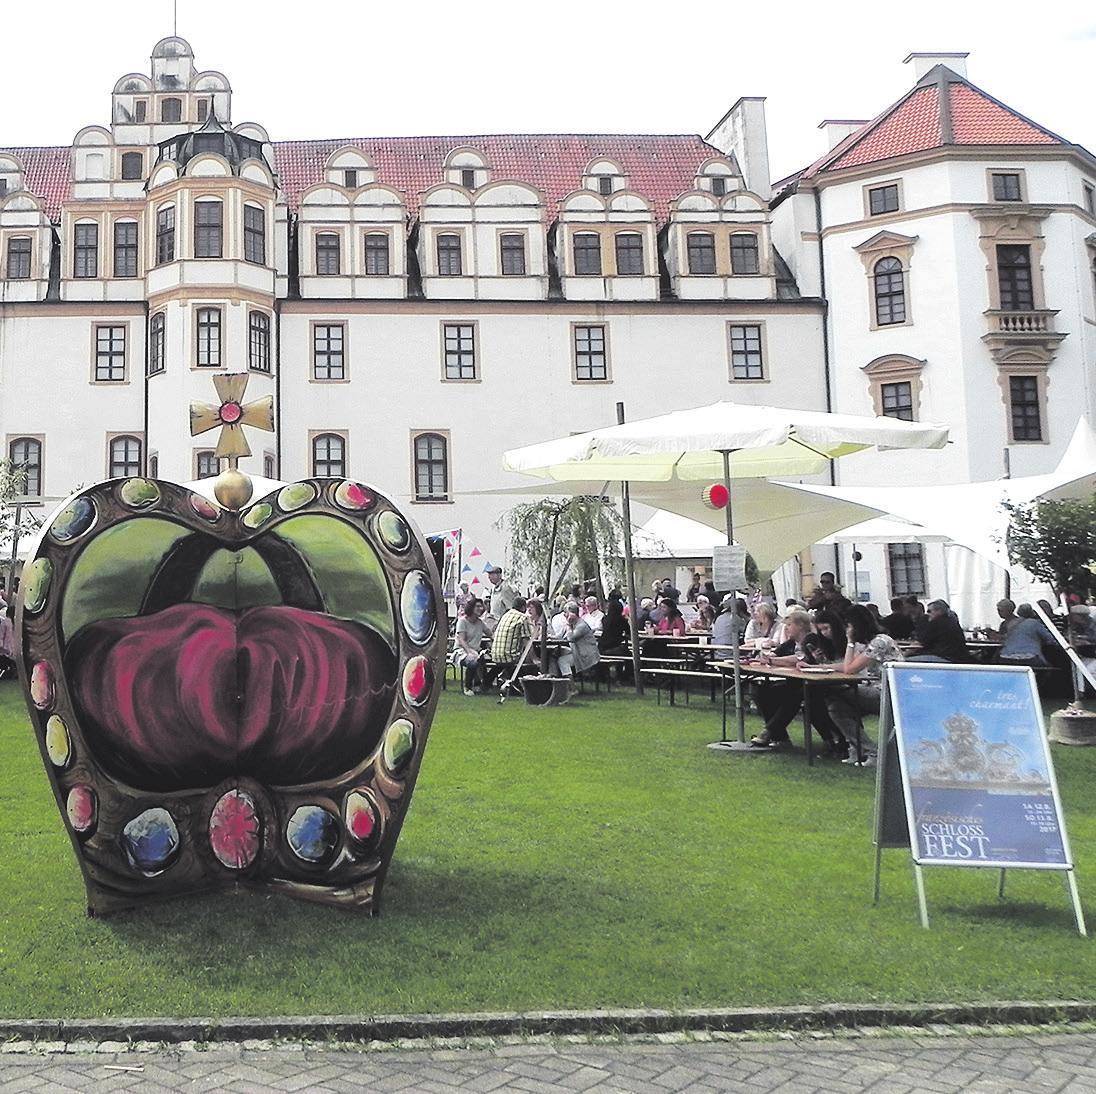 Das Schlossfest in Celle hat an diesem Wochenende so einiges zu bieten. Foto: privat